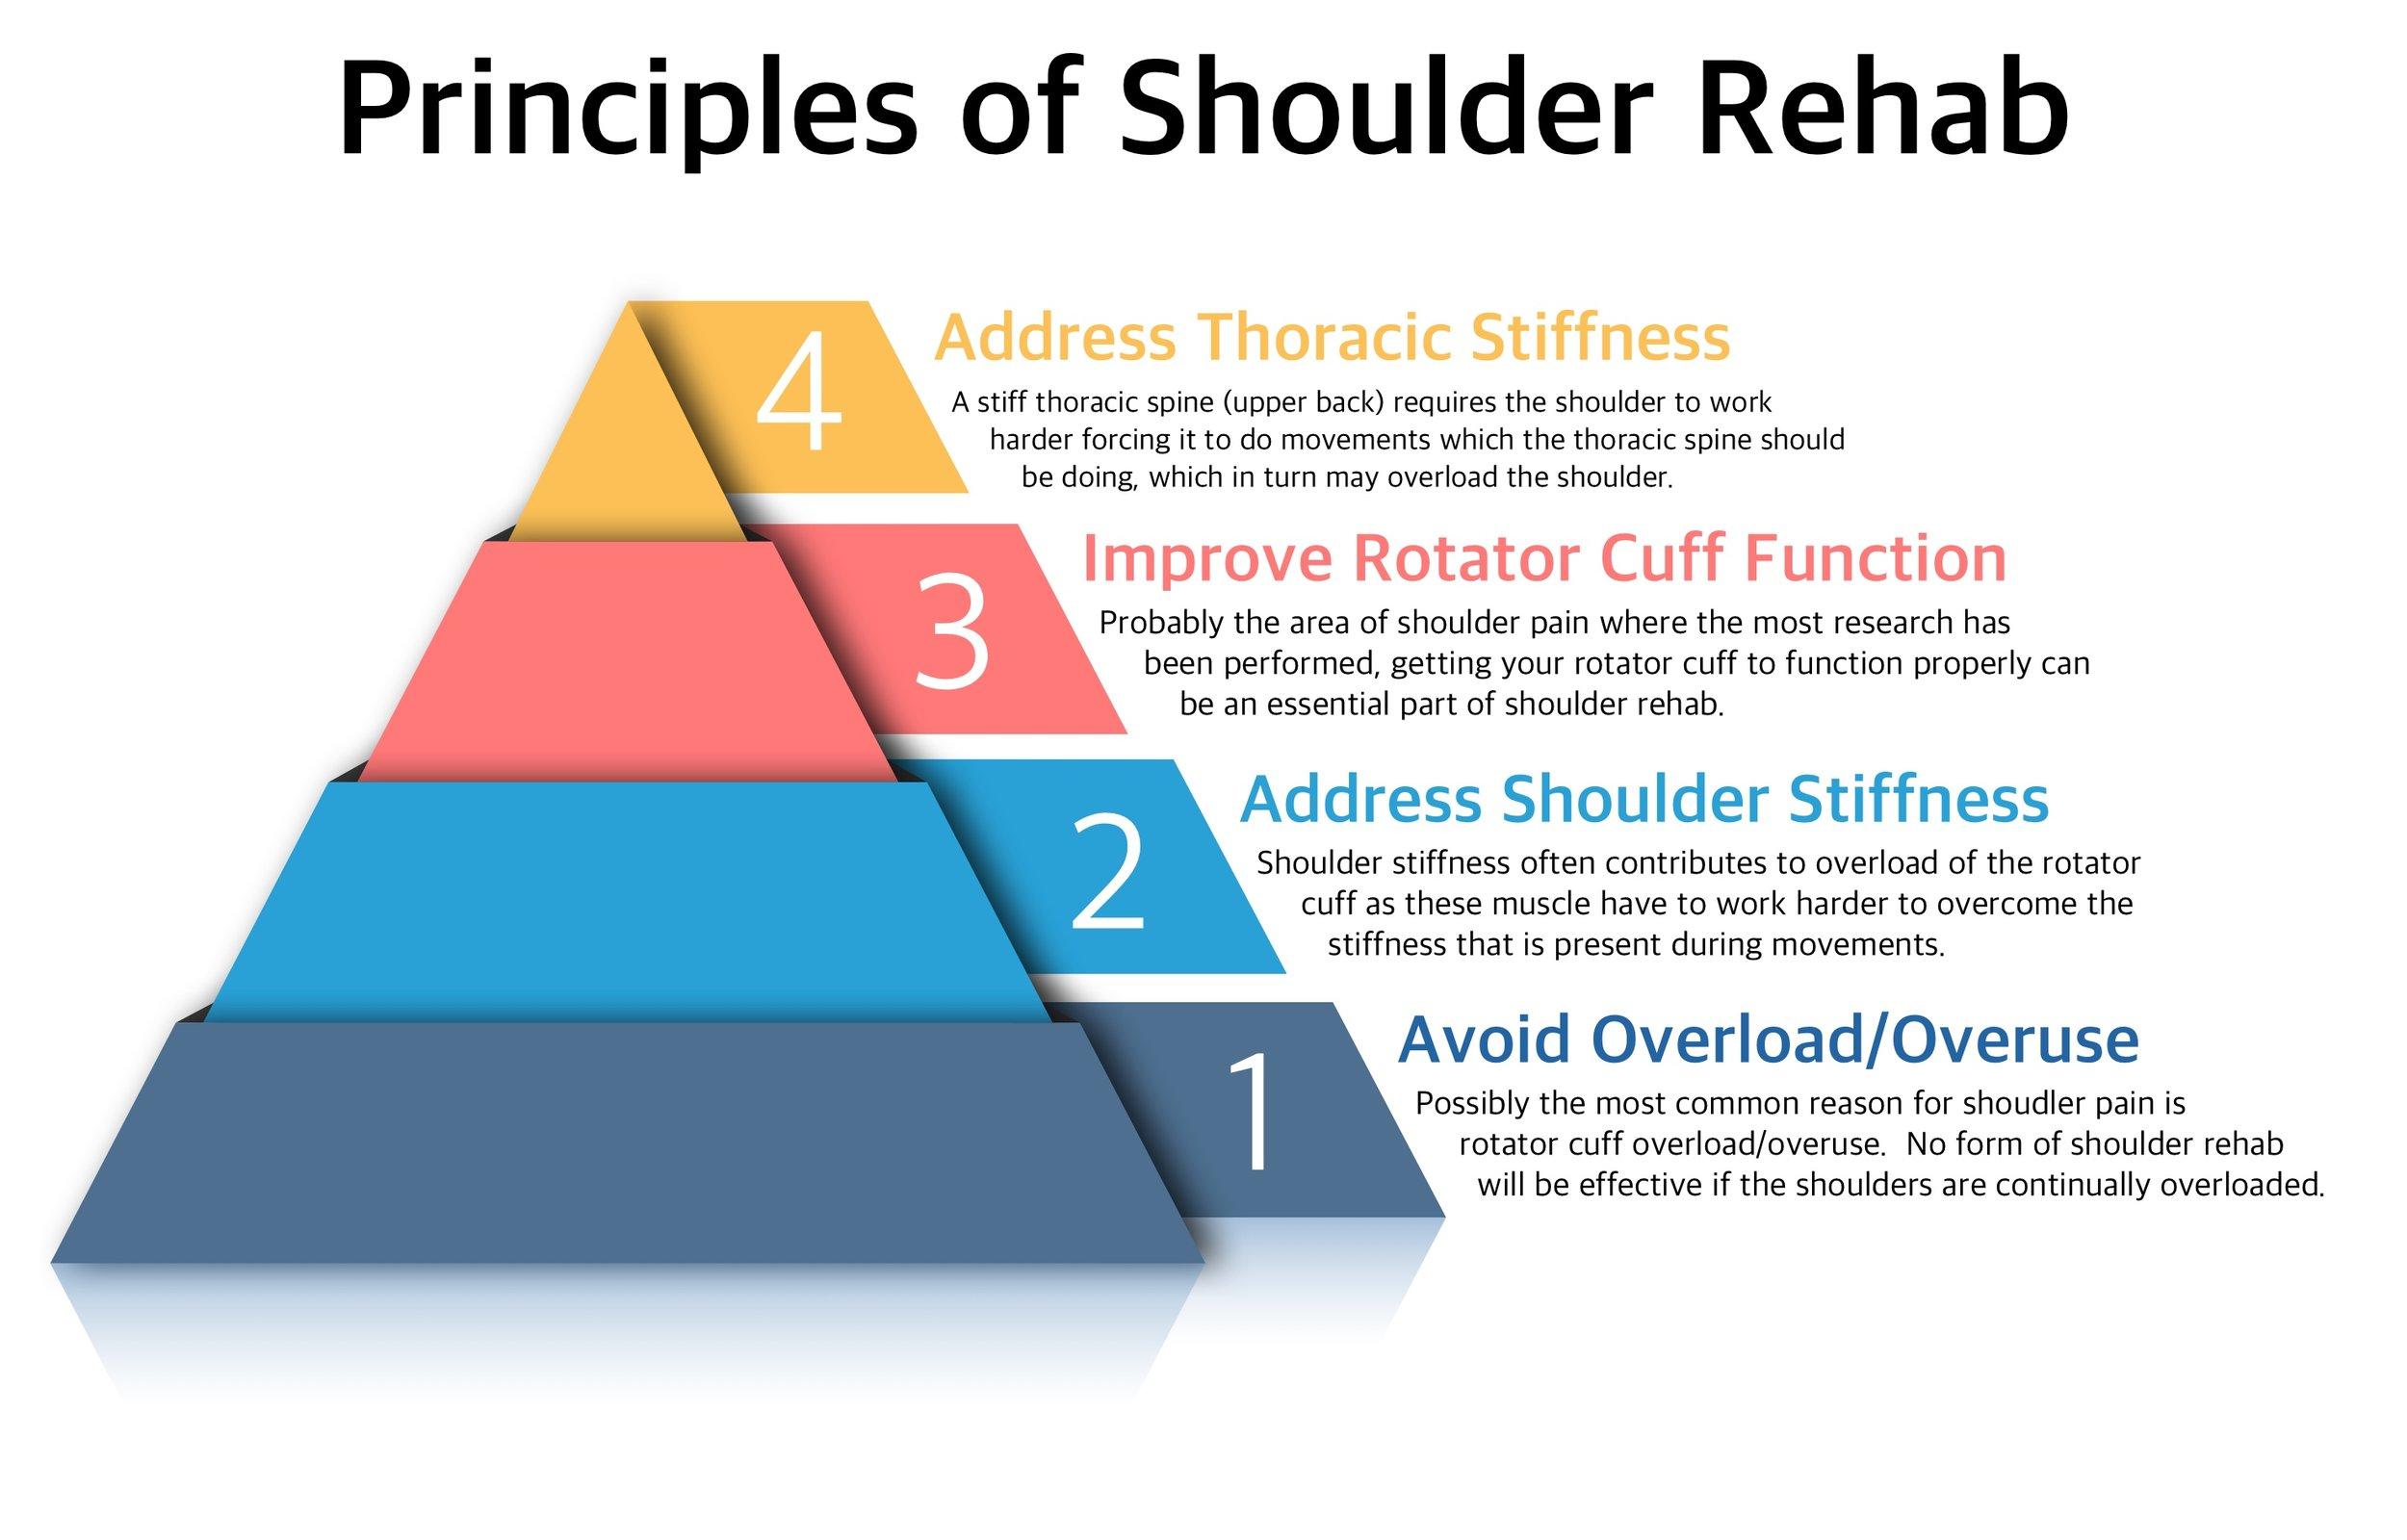 Four tips for Shoulder Pain - Principles of Shoulder Rehab